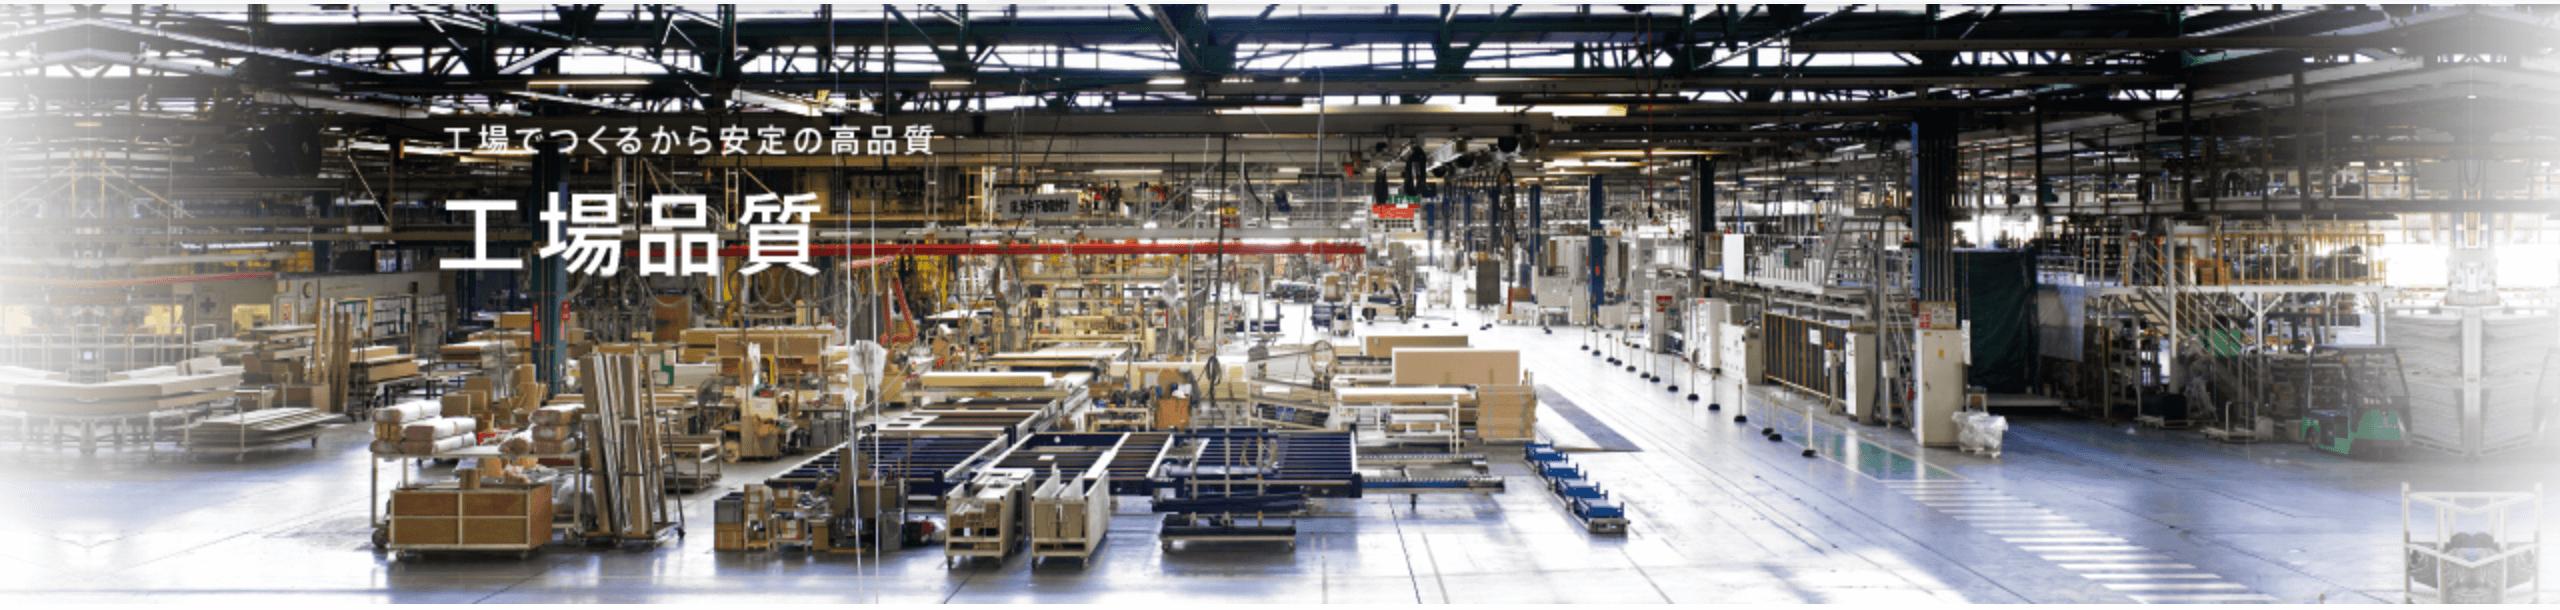 トヨタホームの工場品質